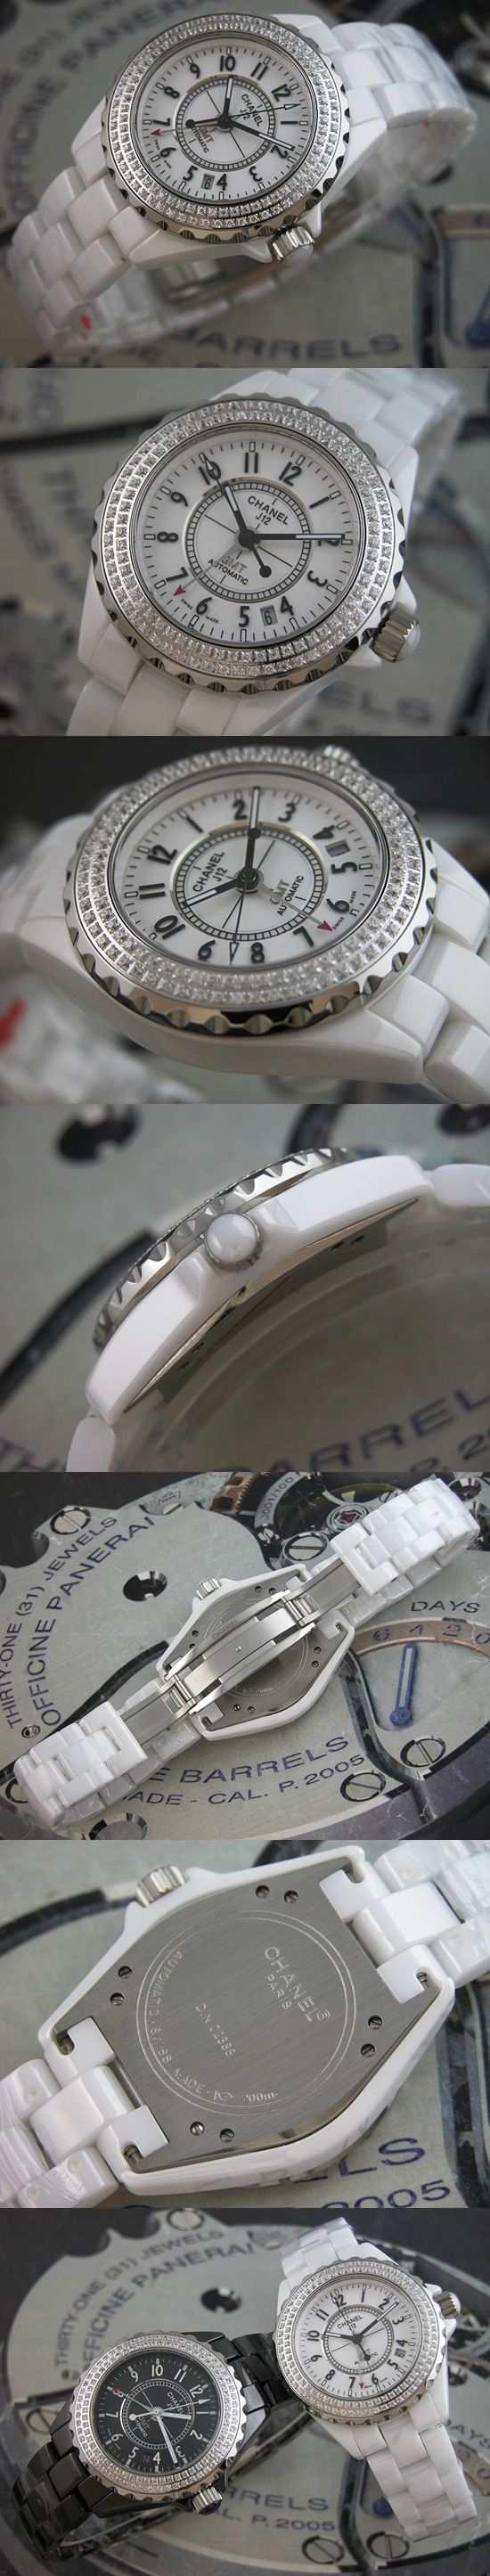 おしゃれなブランド時計がシャネル-CHANEL-H0969-bb-J12-男性用を提供します.